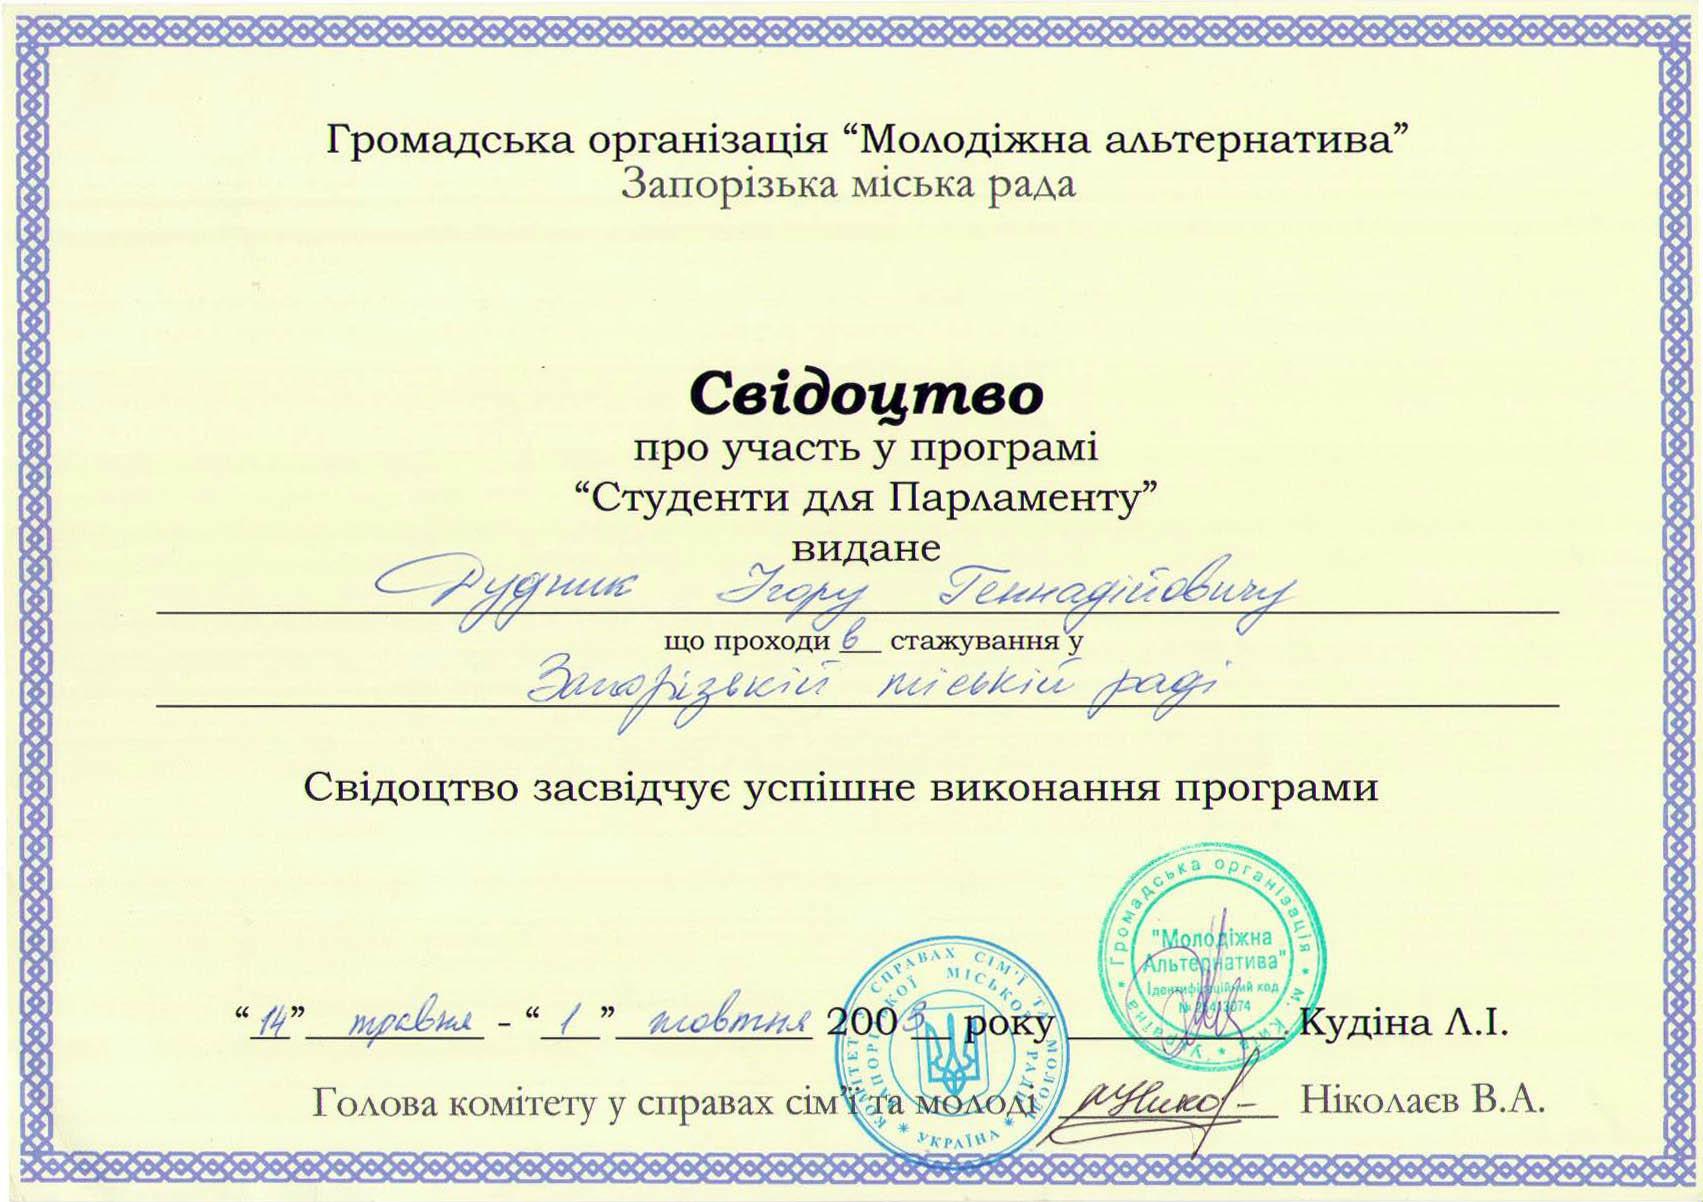 Свідоцтво. Студенти для парламенту. Дудник Ігор Геннадійович